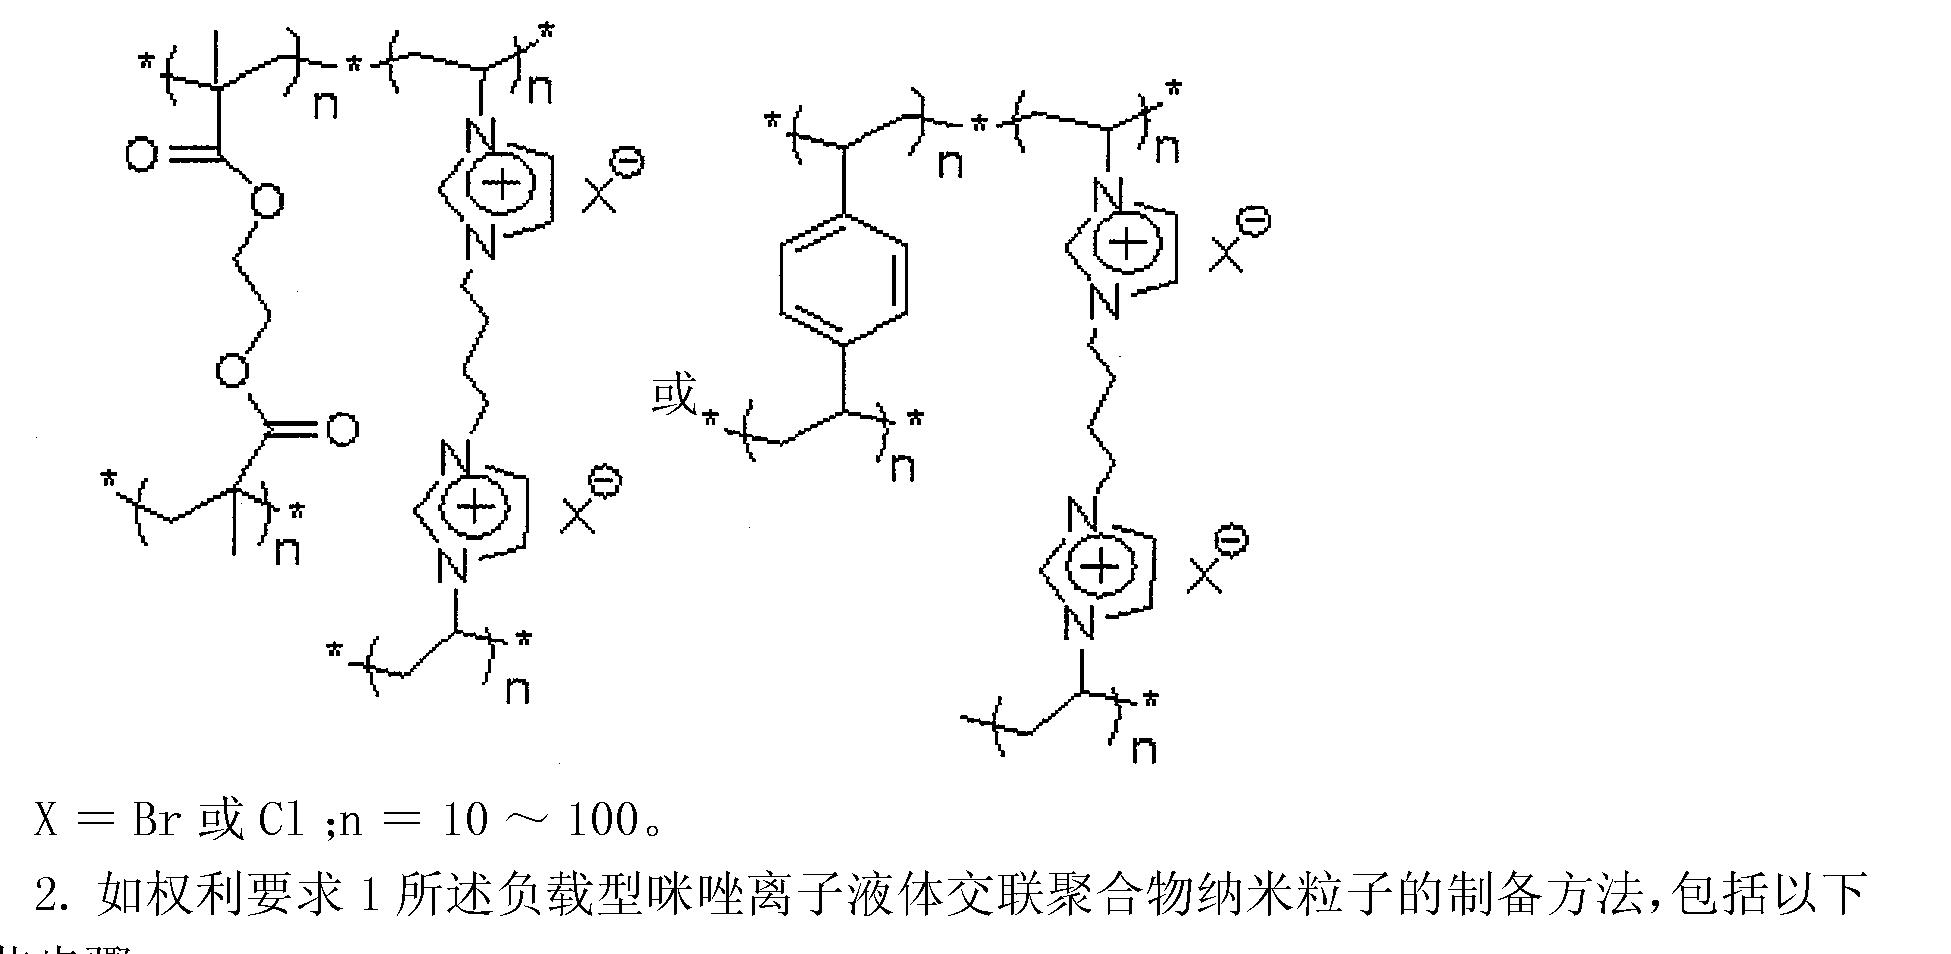 [0021] 其中,X = Br或Cl ; = 10〜100 ;*代表高分子聚合链。 [0022](三)产品表征 [0023] I、红外光谱 [0024] 样品用KBr压片后,用美国尼高尼公司产360型FT-IR光谱仪测试。 [0025] 图I为本发明制备的负载型咪唑离子液体与交联剂EGDMA所制得的交联聚合物纳米粒子(CLPN)的红外谱图。从图I可以看出,1725CHT1为EGDMA中酯羰基特征吸收峰,1180CHT1和1454CHT1为咪唑环的特征吸收峰,由此证明得到了目标化合物CLPN。 [002